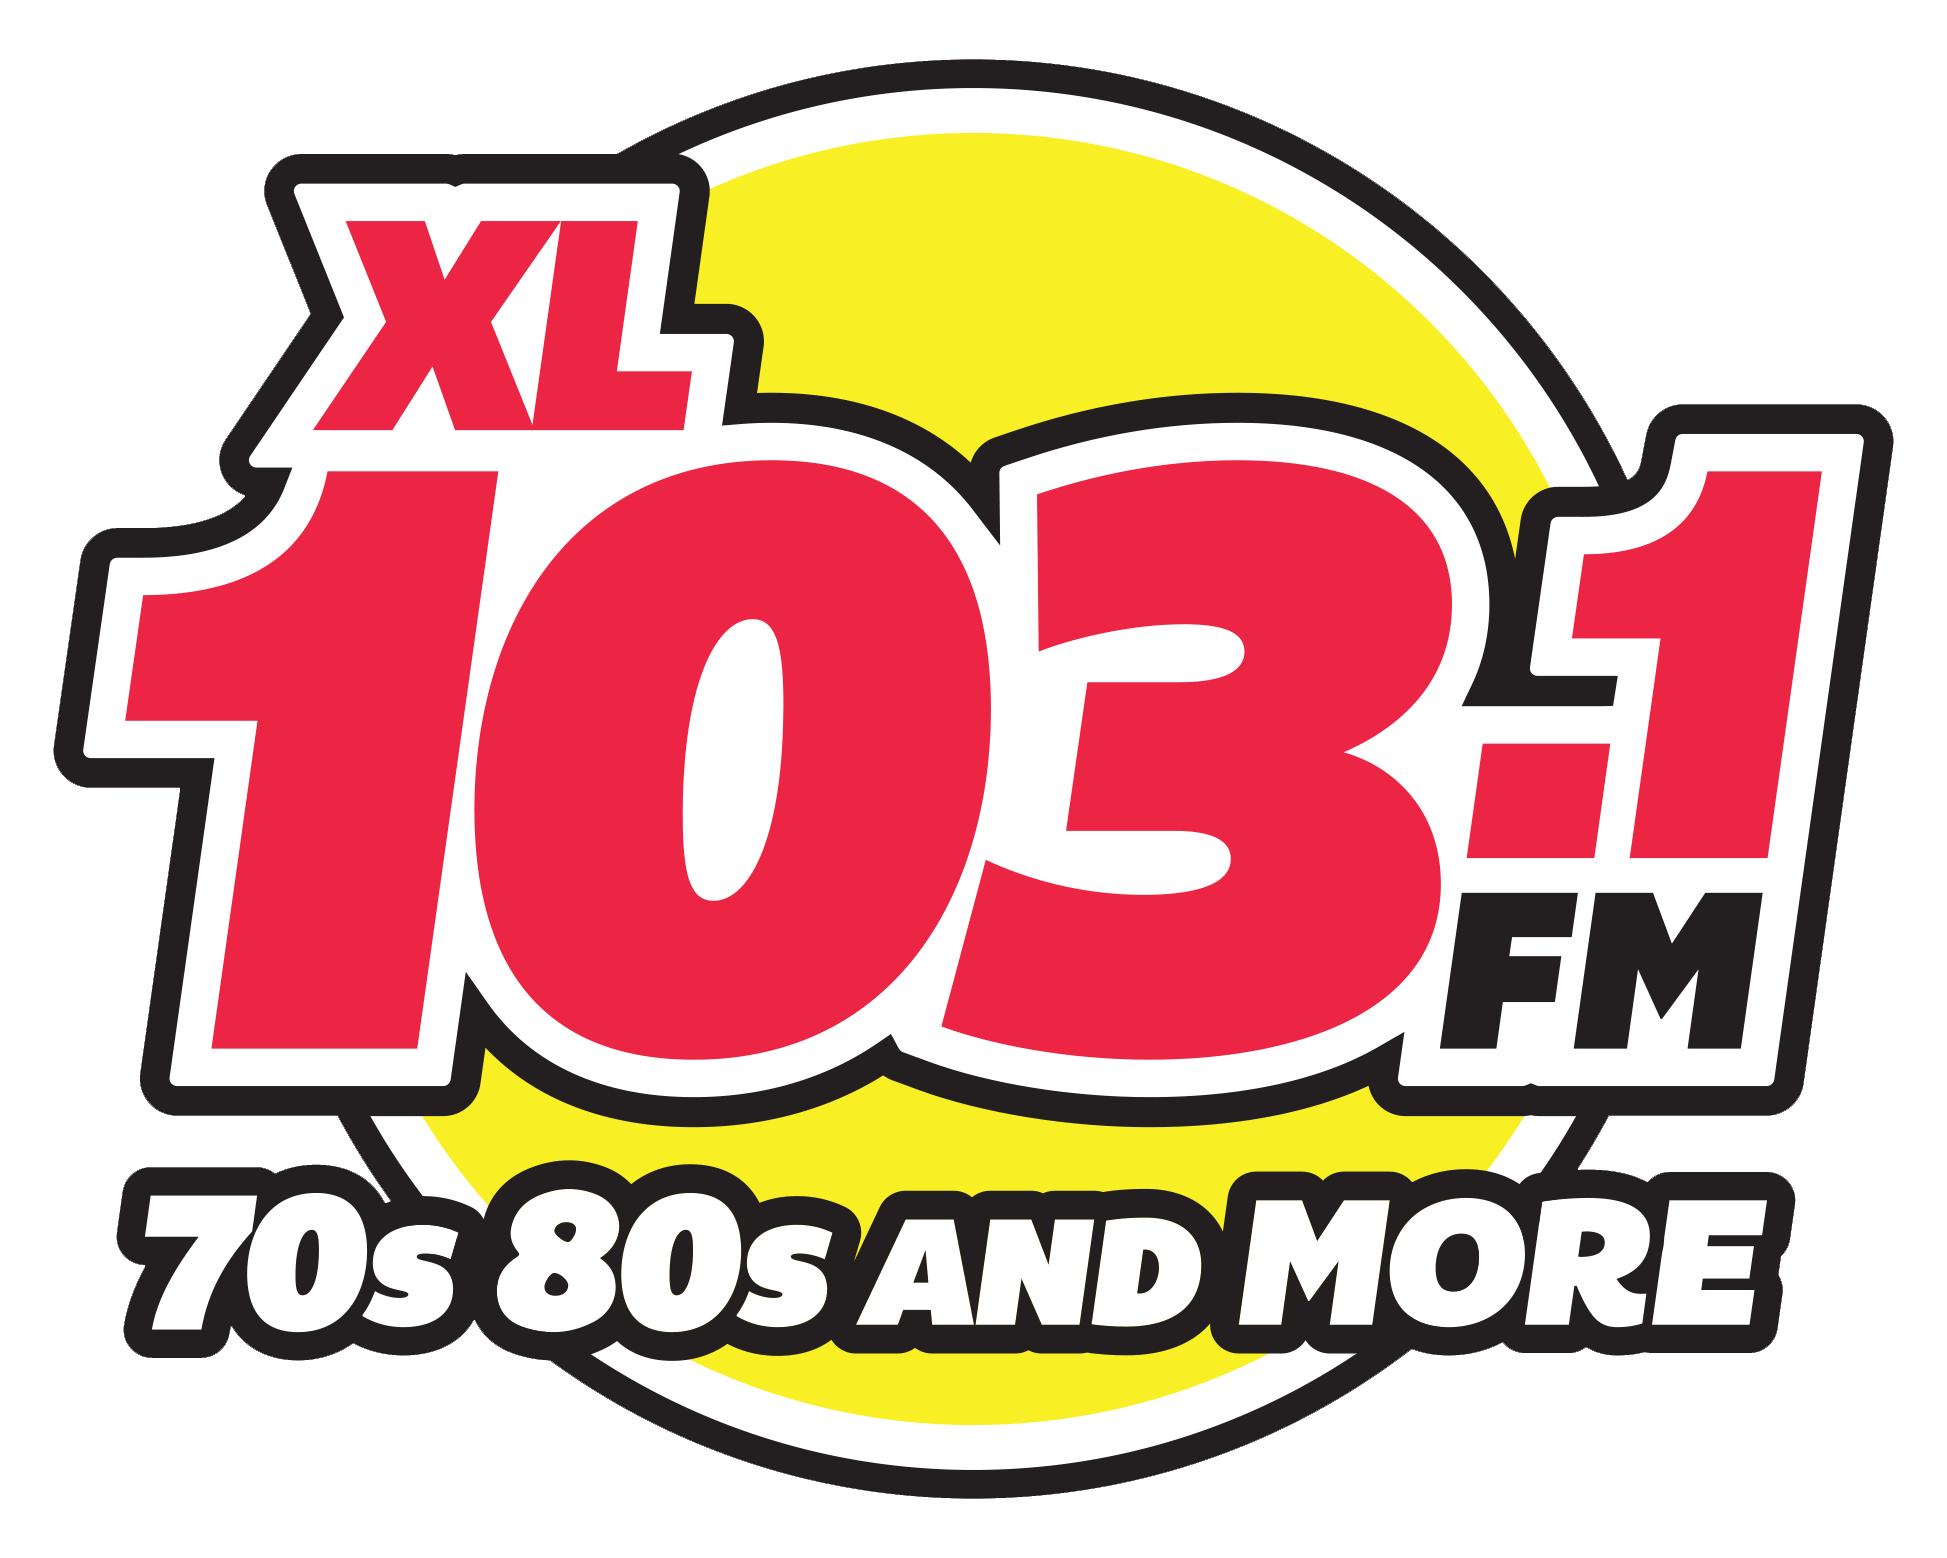 XL 103.1 FM